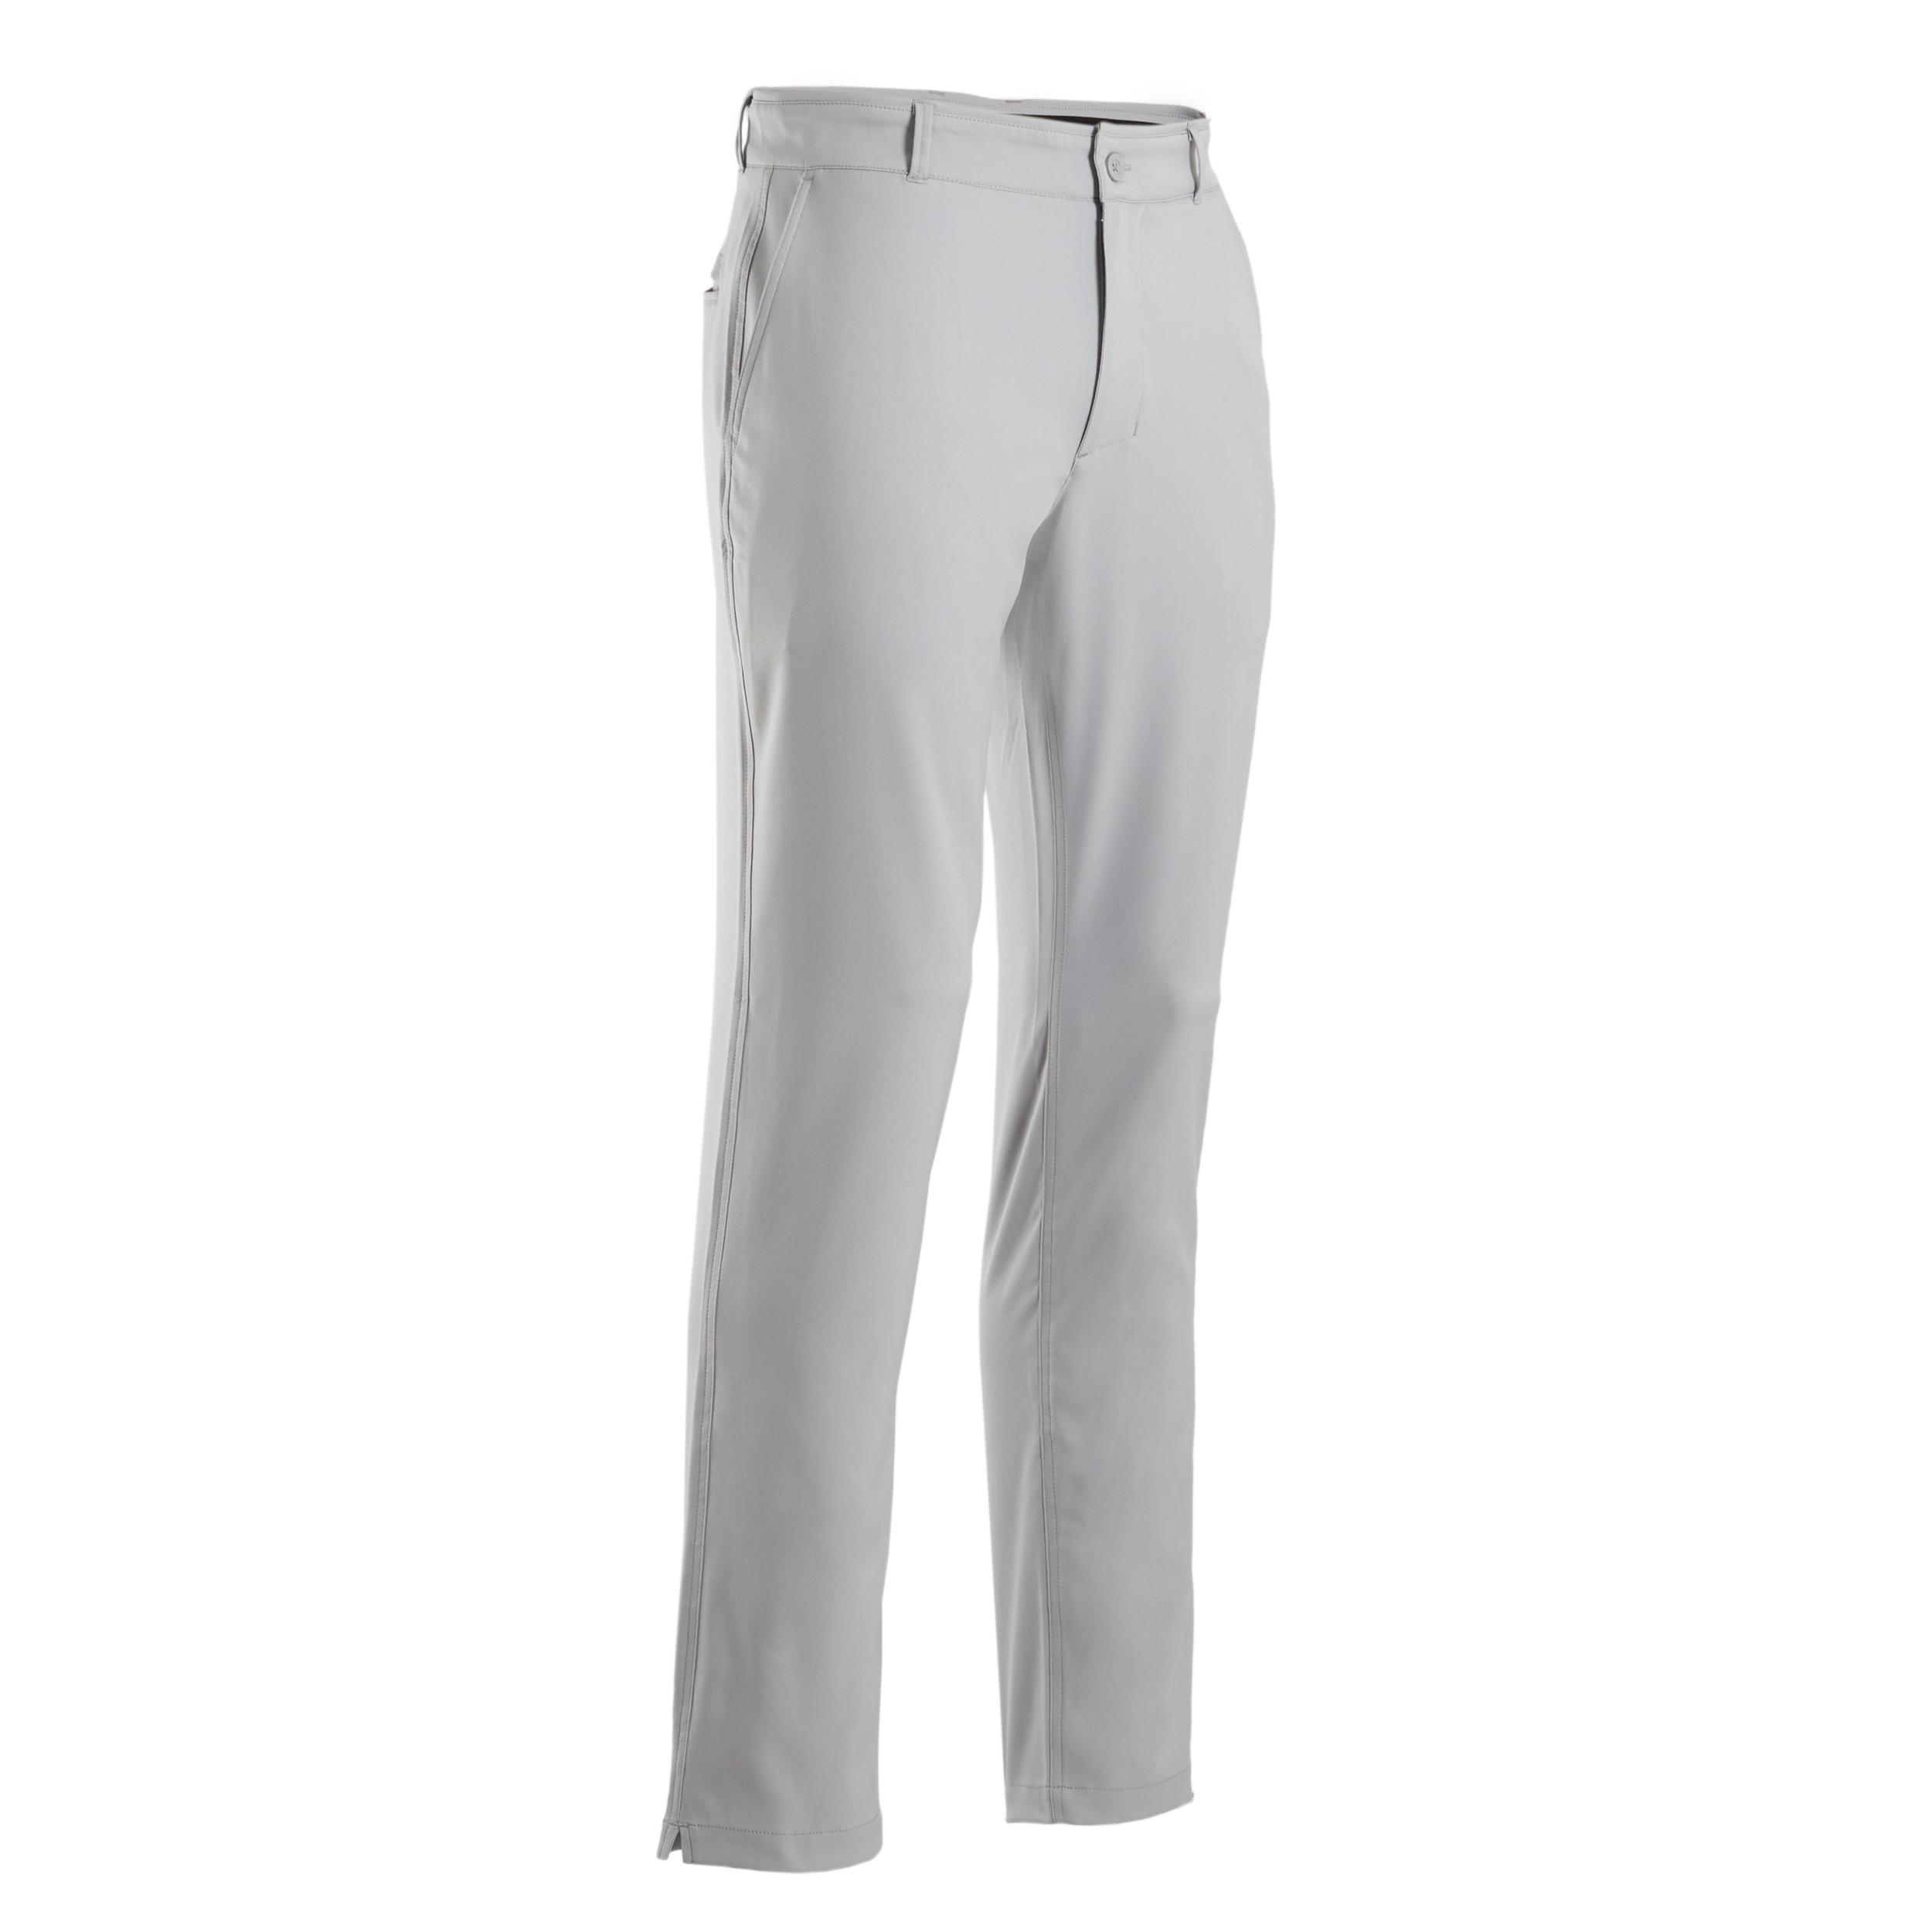 Pantalon Golf Bărbaţi imagine